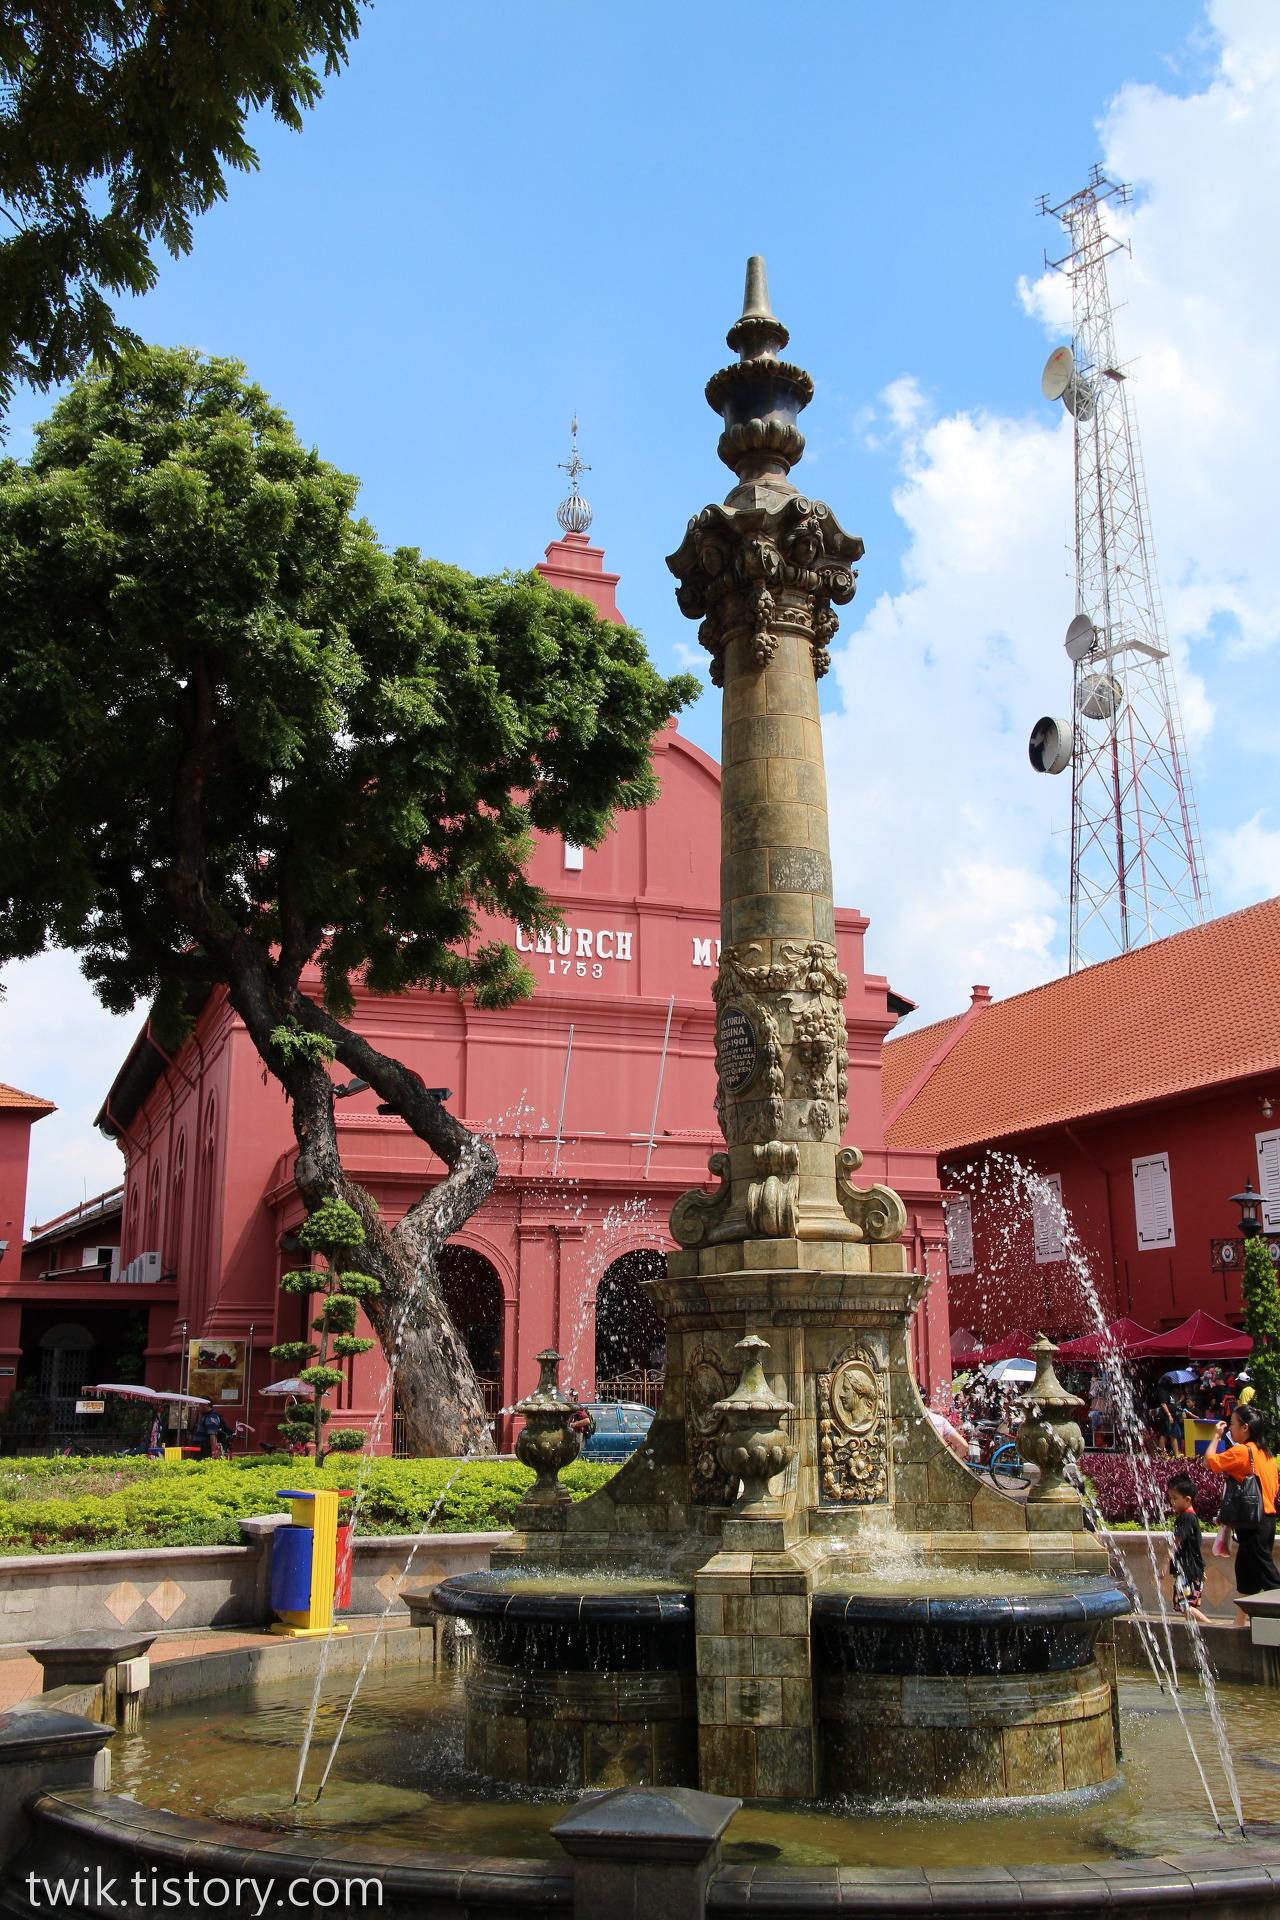 싱가포르에서 말레이시아 말라카(Melaka)로 이동